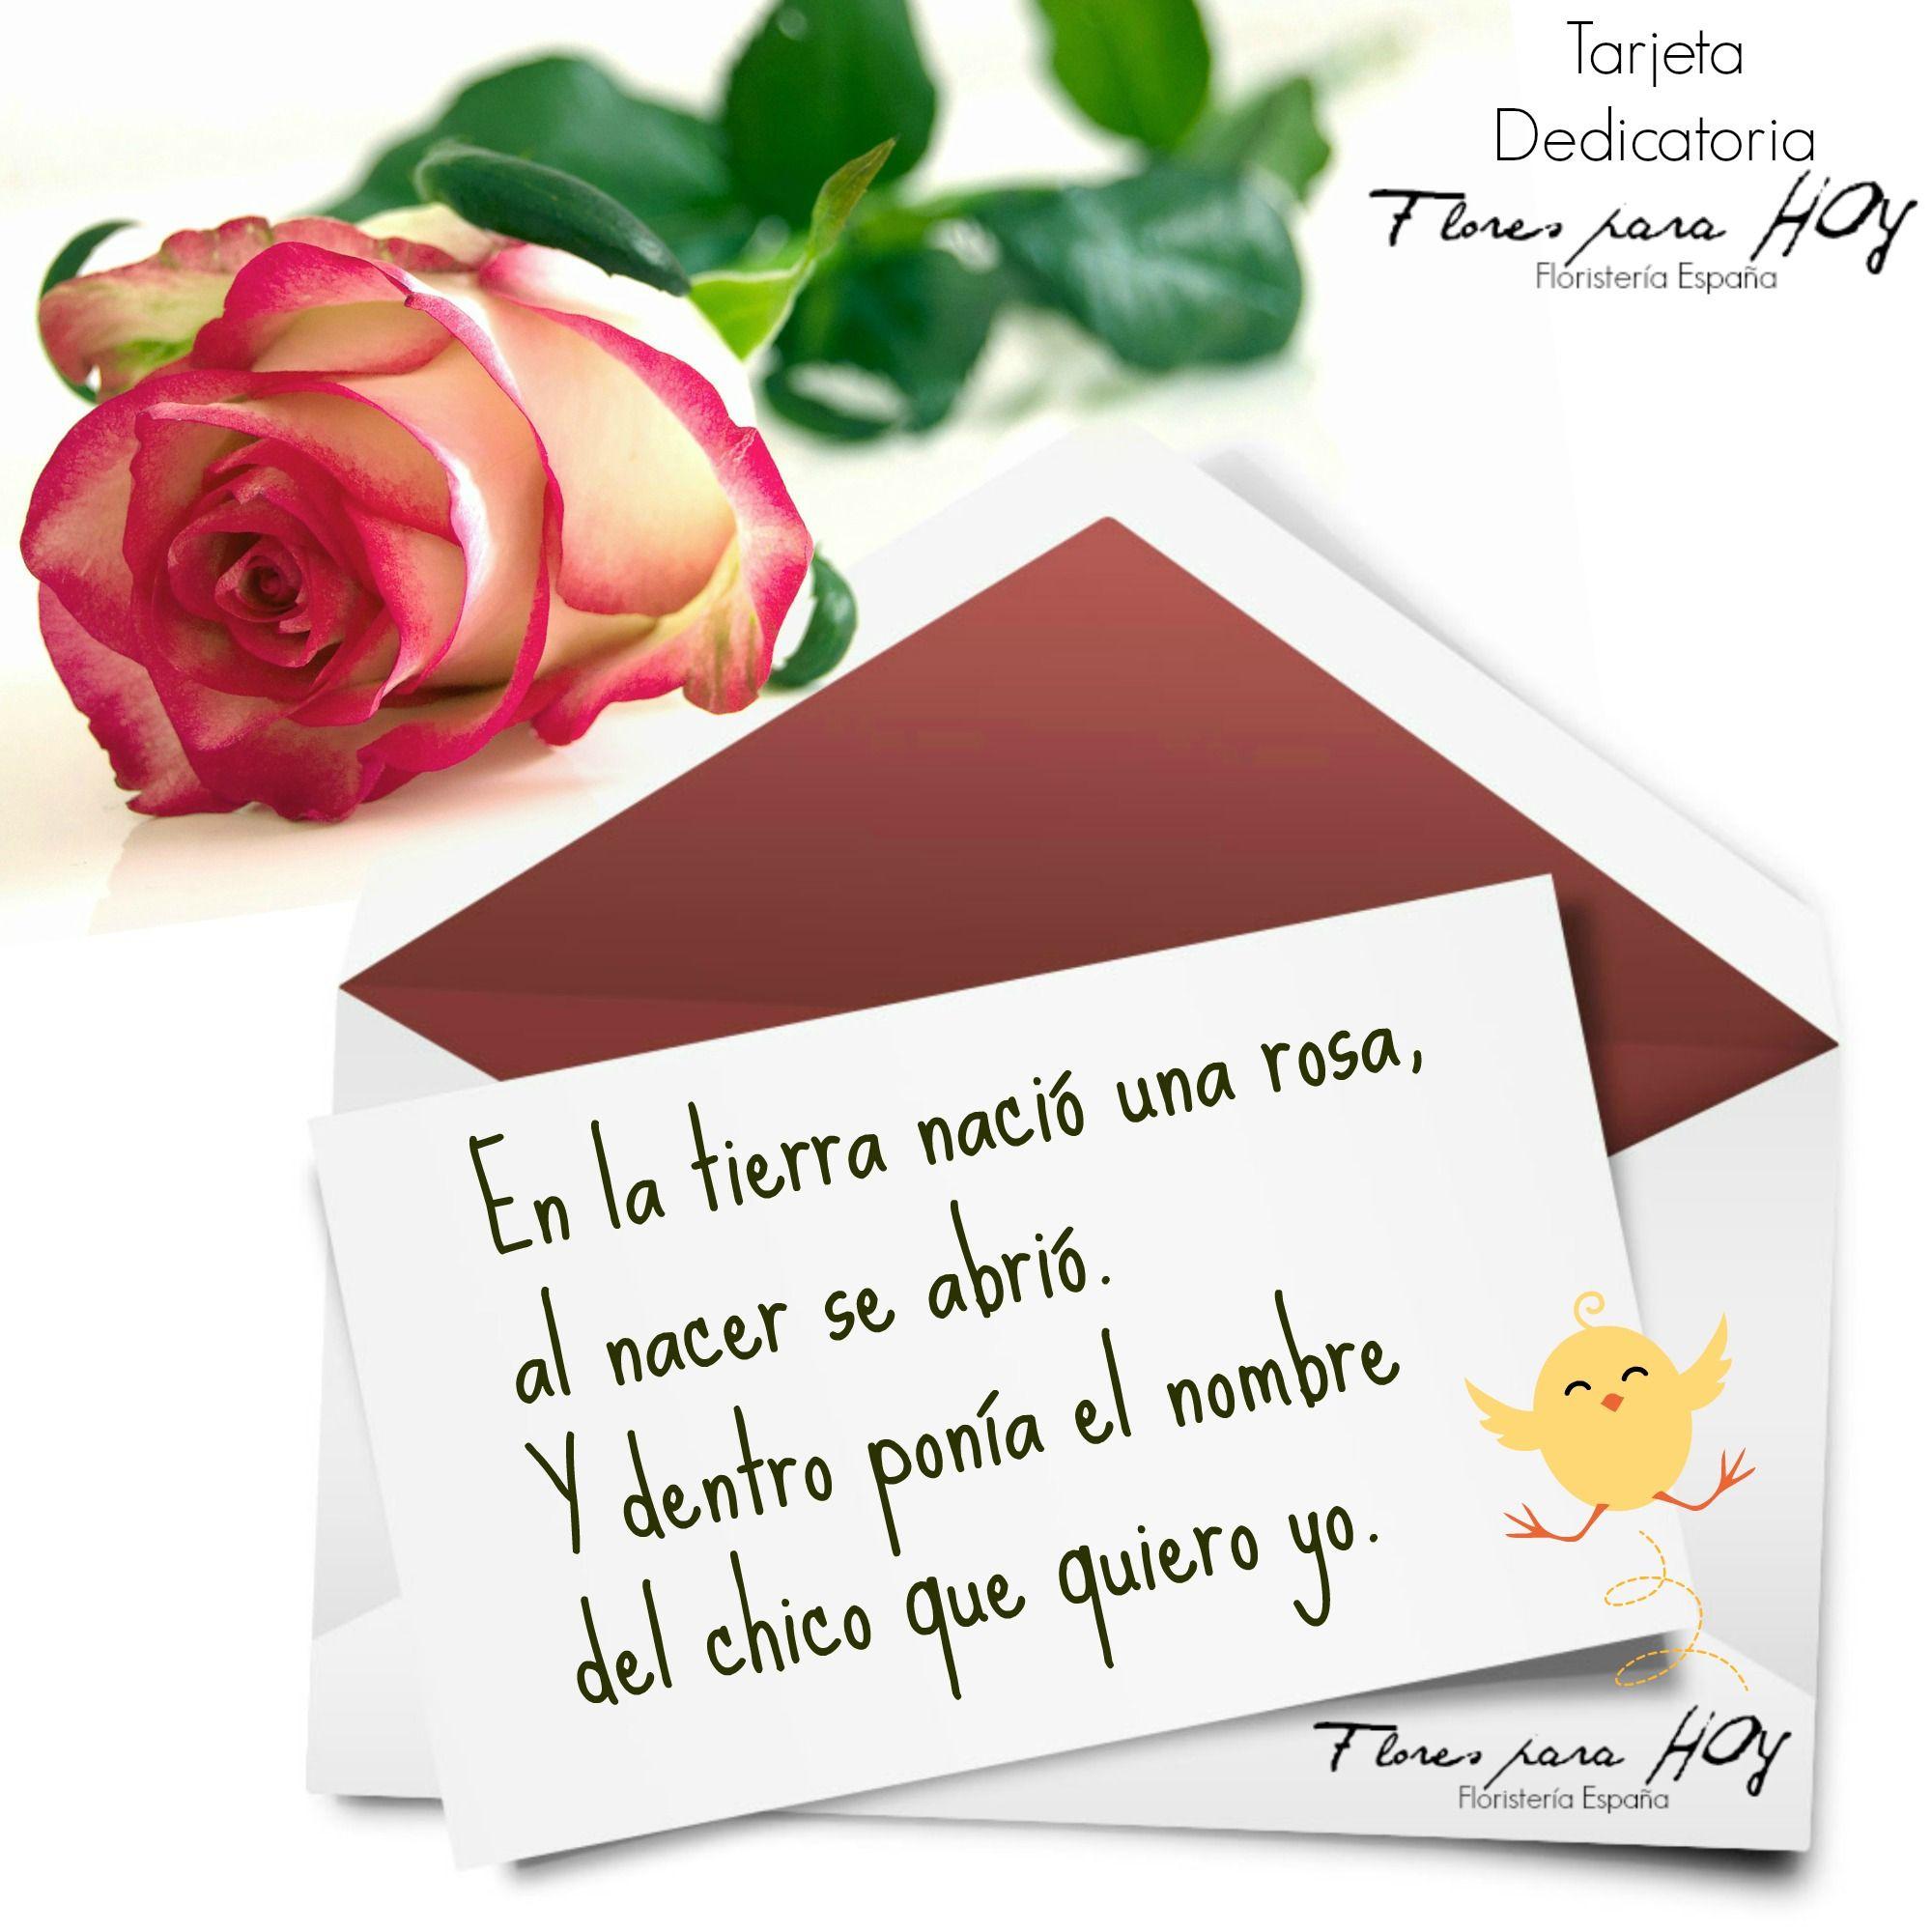 Imágenes hermosas de amor con frases para enamorados muy bonitas para  dedicar con el corazón. A compartir todos los mas lindos y románticos  pensamientos de ...